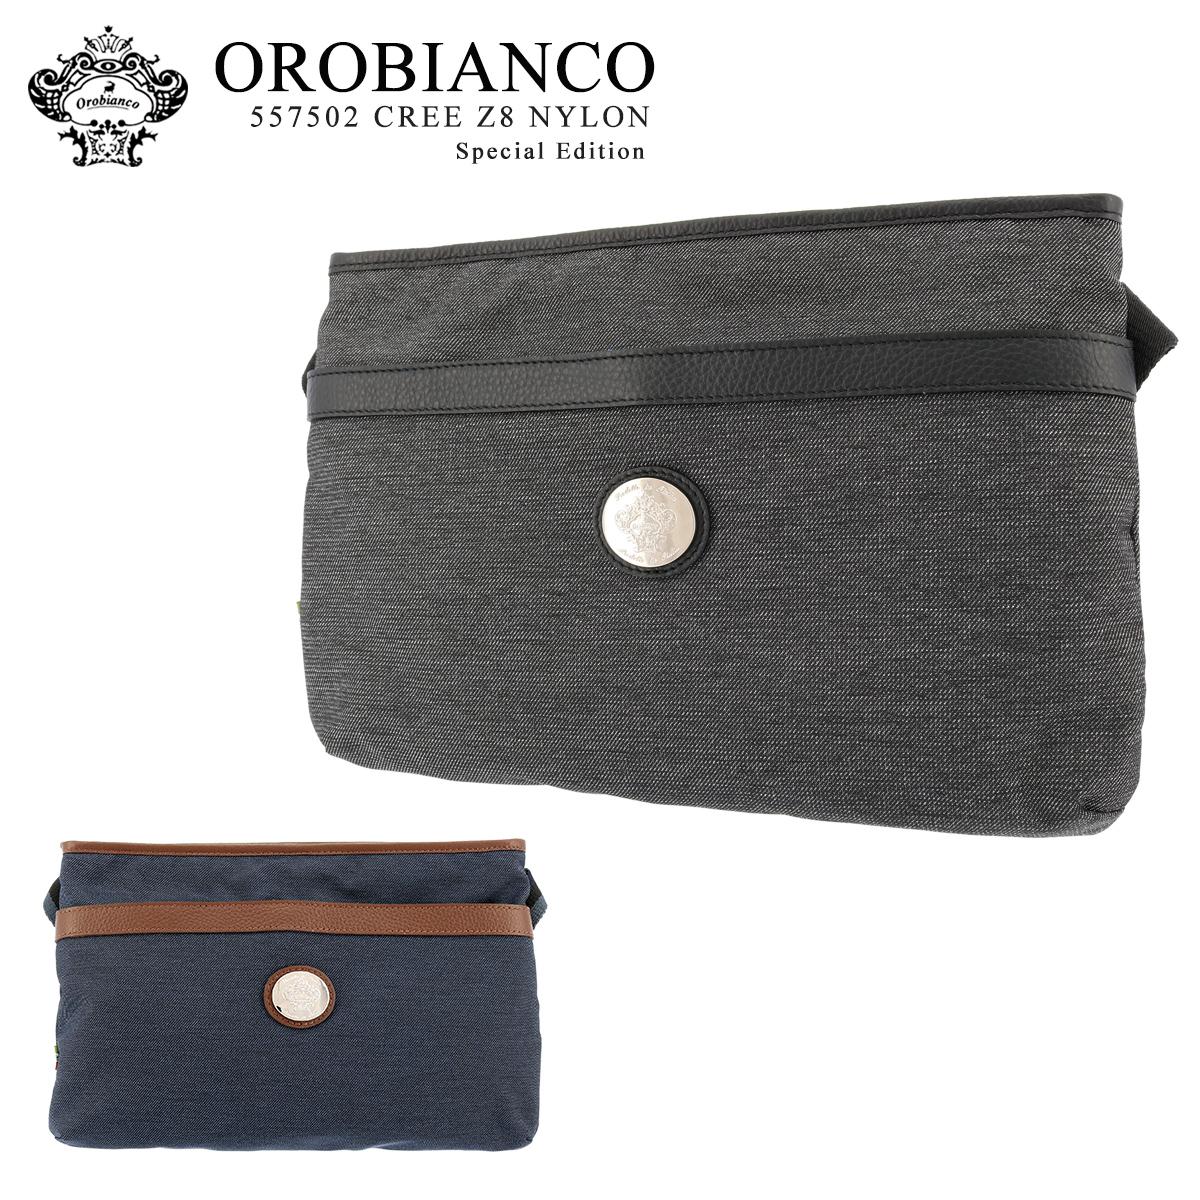 オロビアンコ ショルダーバッグ CREE-Z8 557502 OROBIANCO メンズ サコッシュ